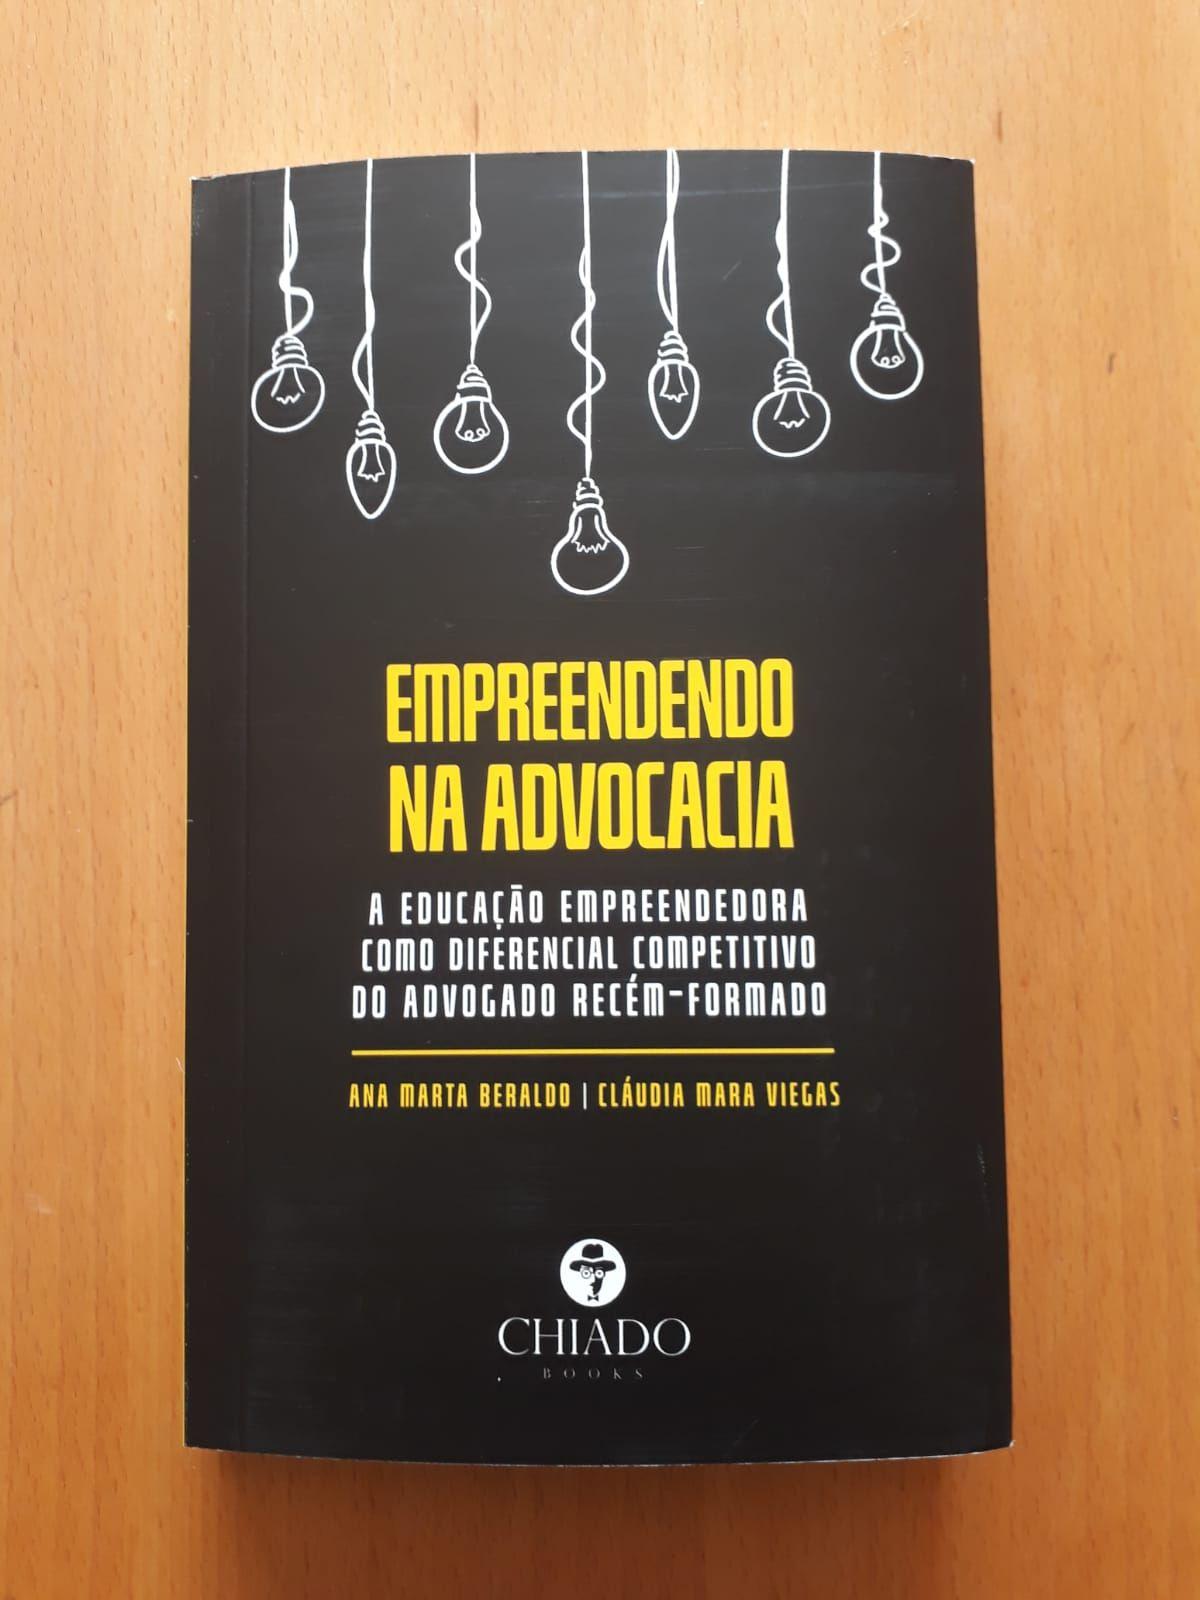 Empreendendo na advocacia: a educação empreendedora como diferencial competitivo do advogado recém-formado, também em Portugal